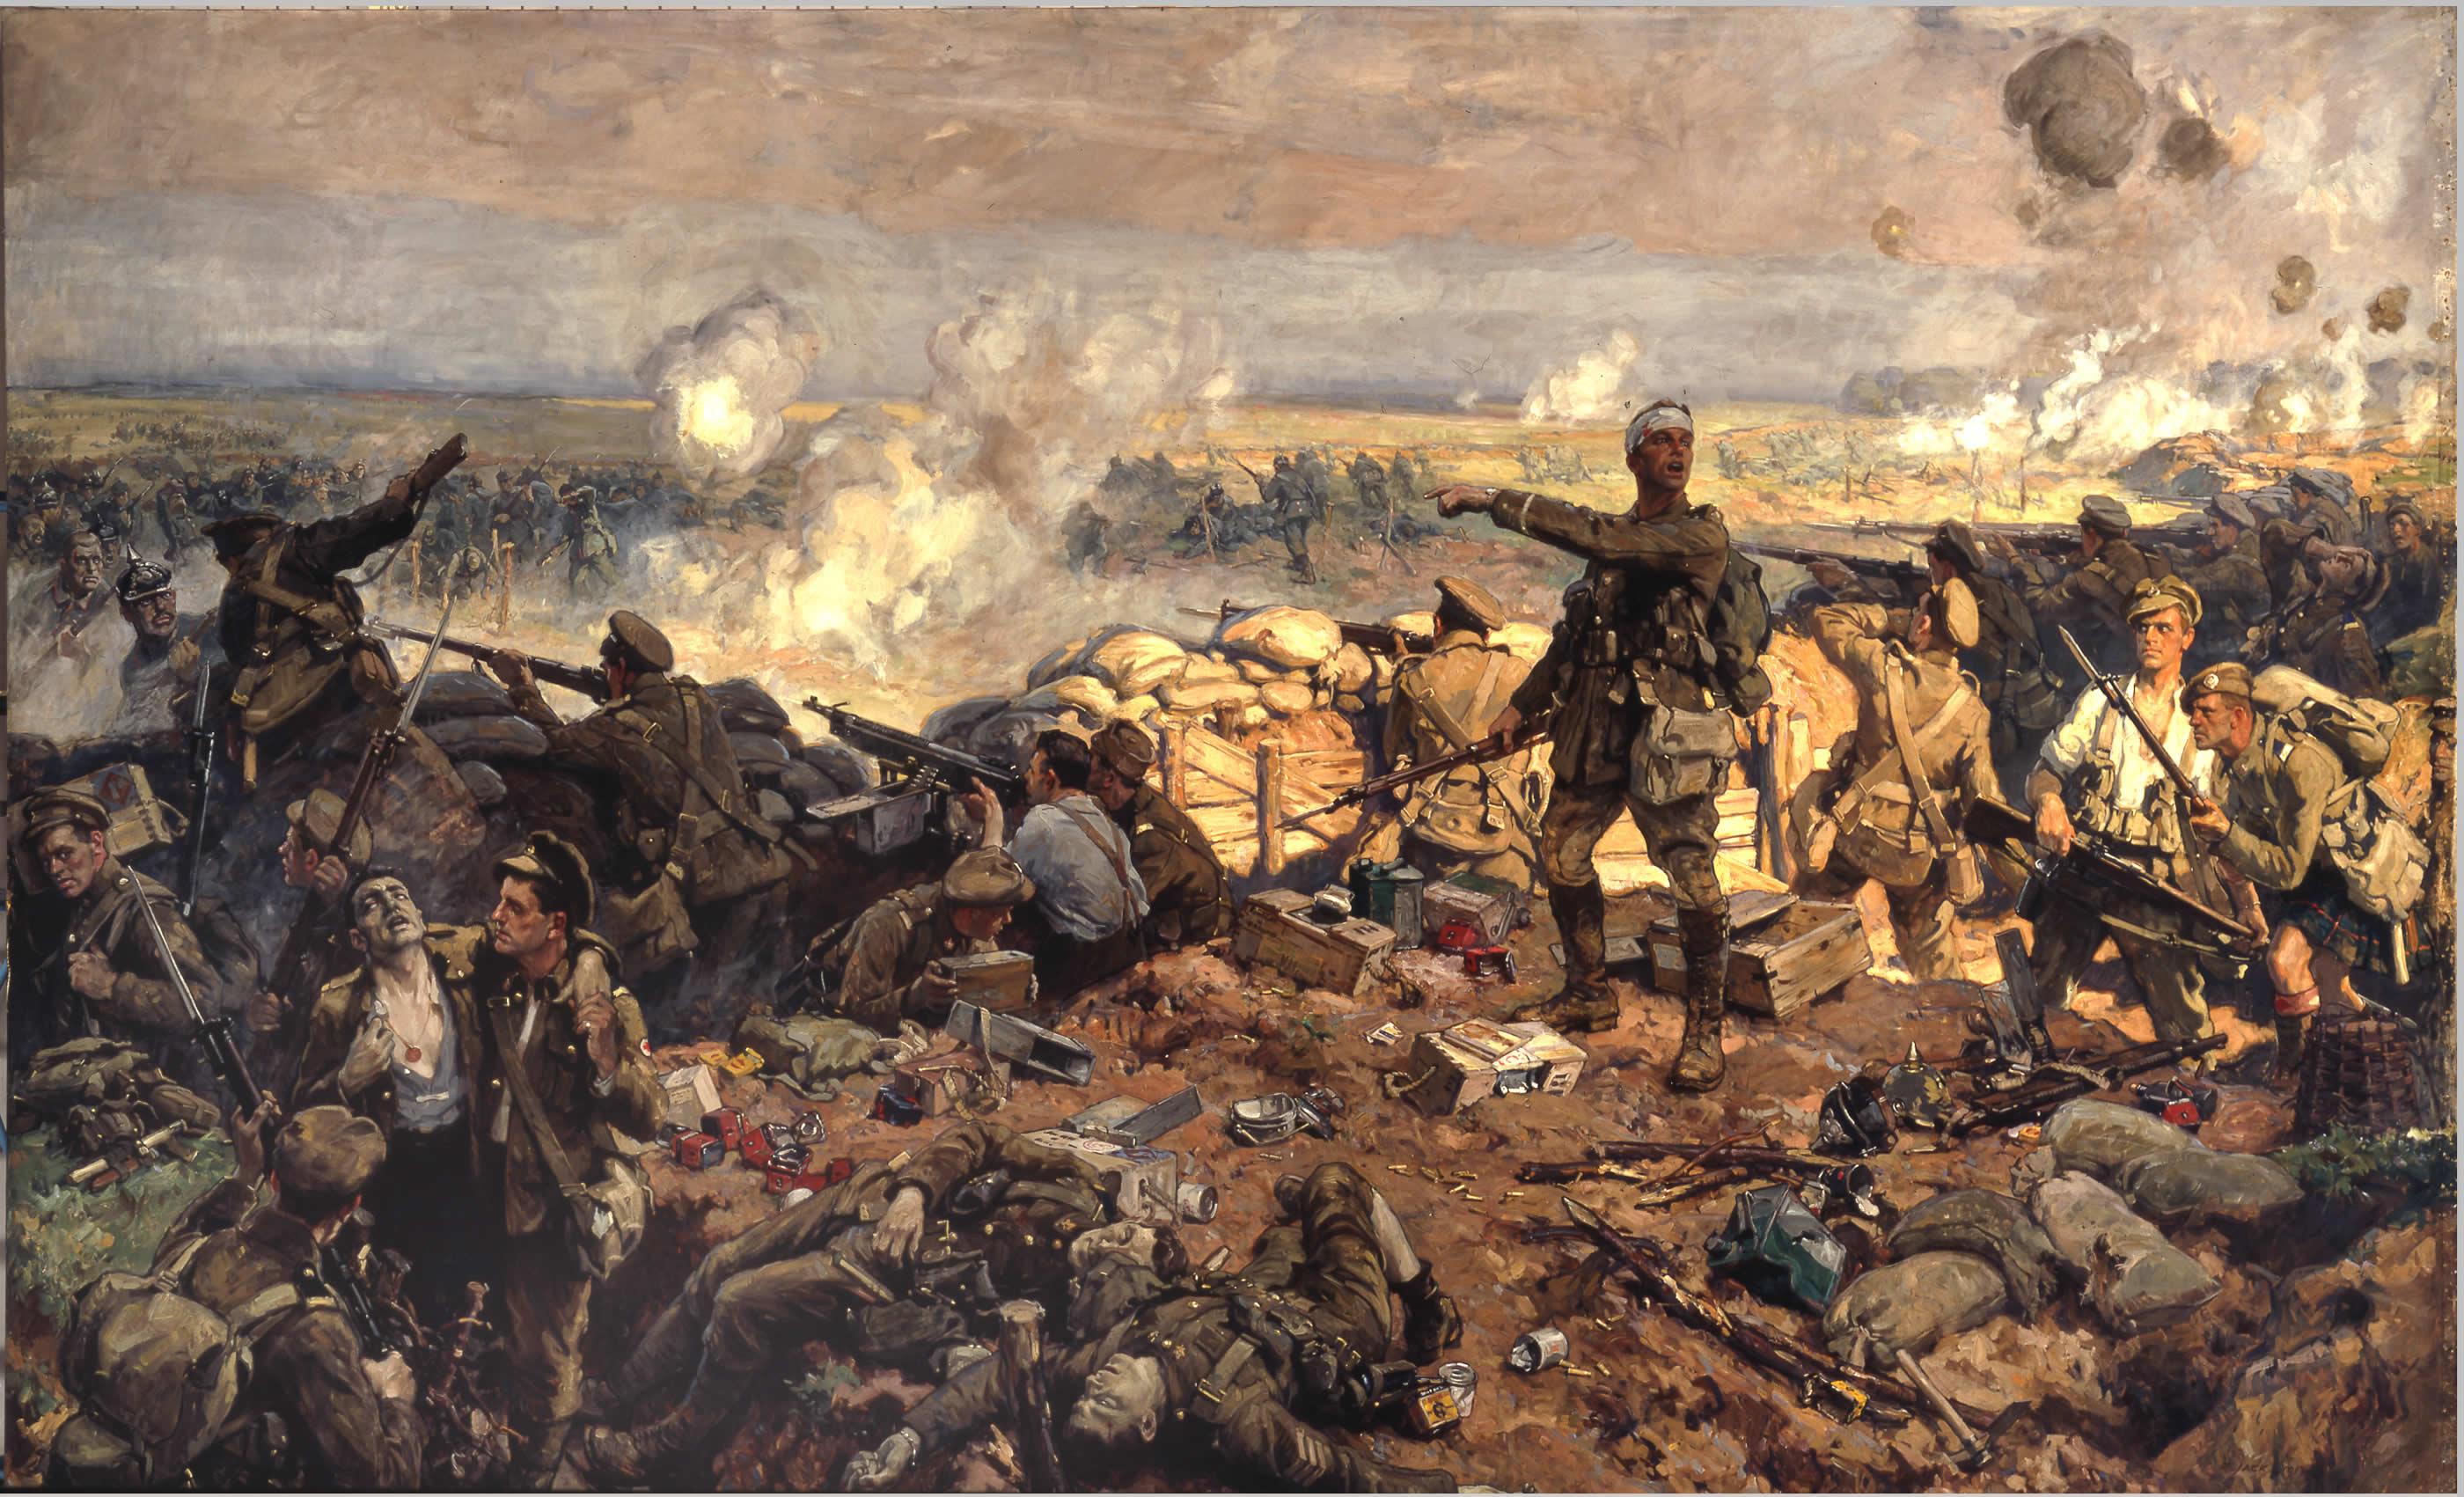 La deuxième bataille d'Ypres, du 22 avril au 25 mai 1915